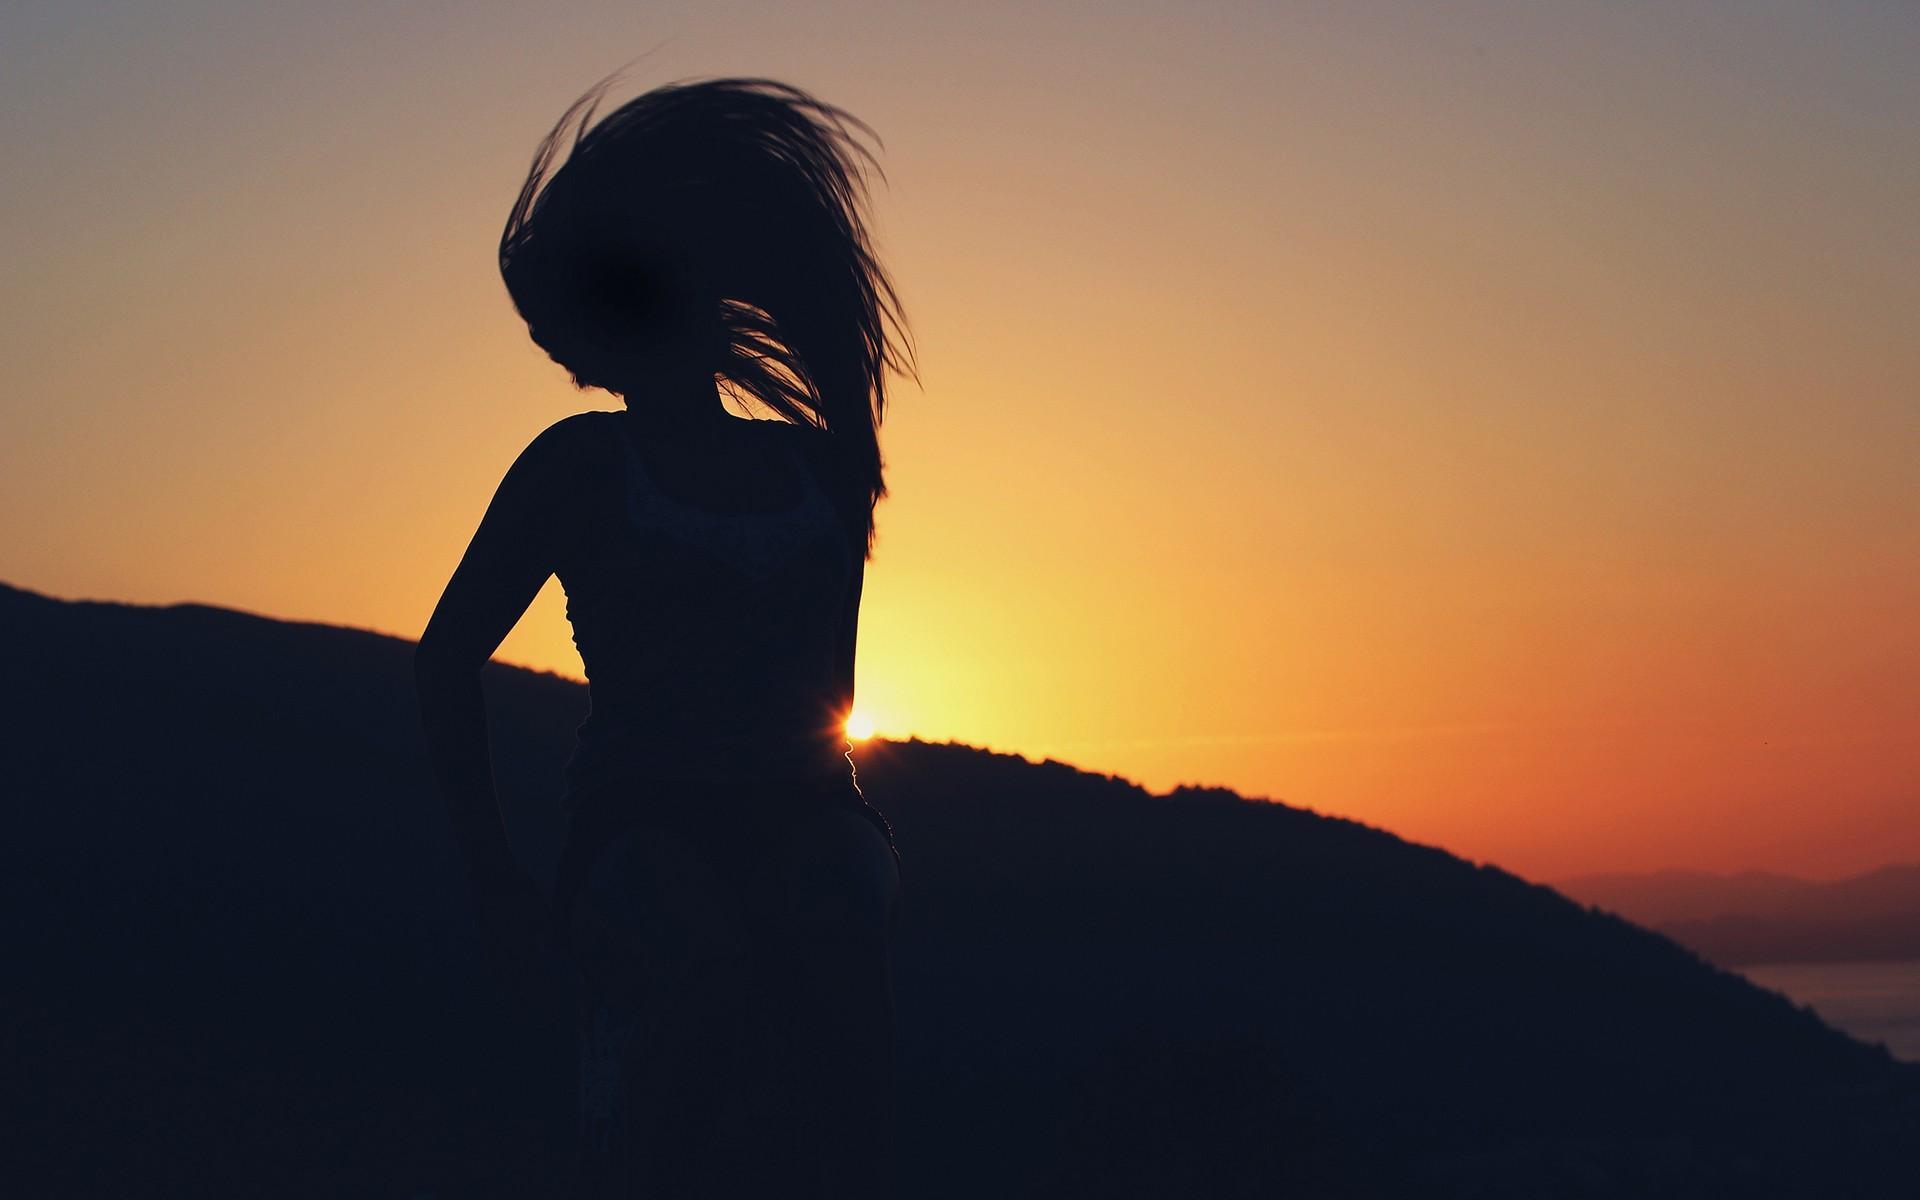 Картинки девушек на аву закат